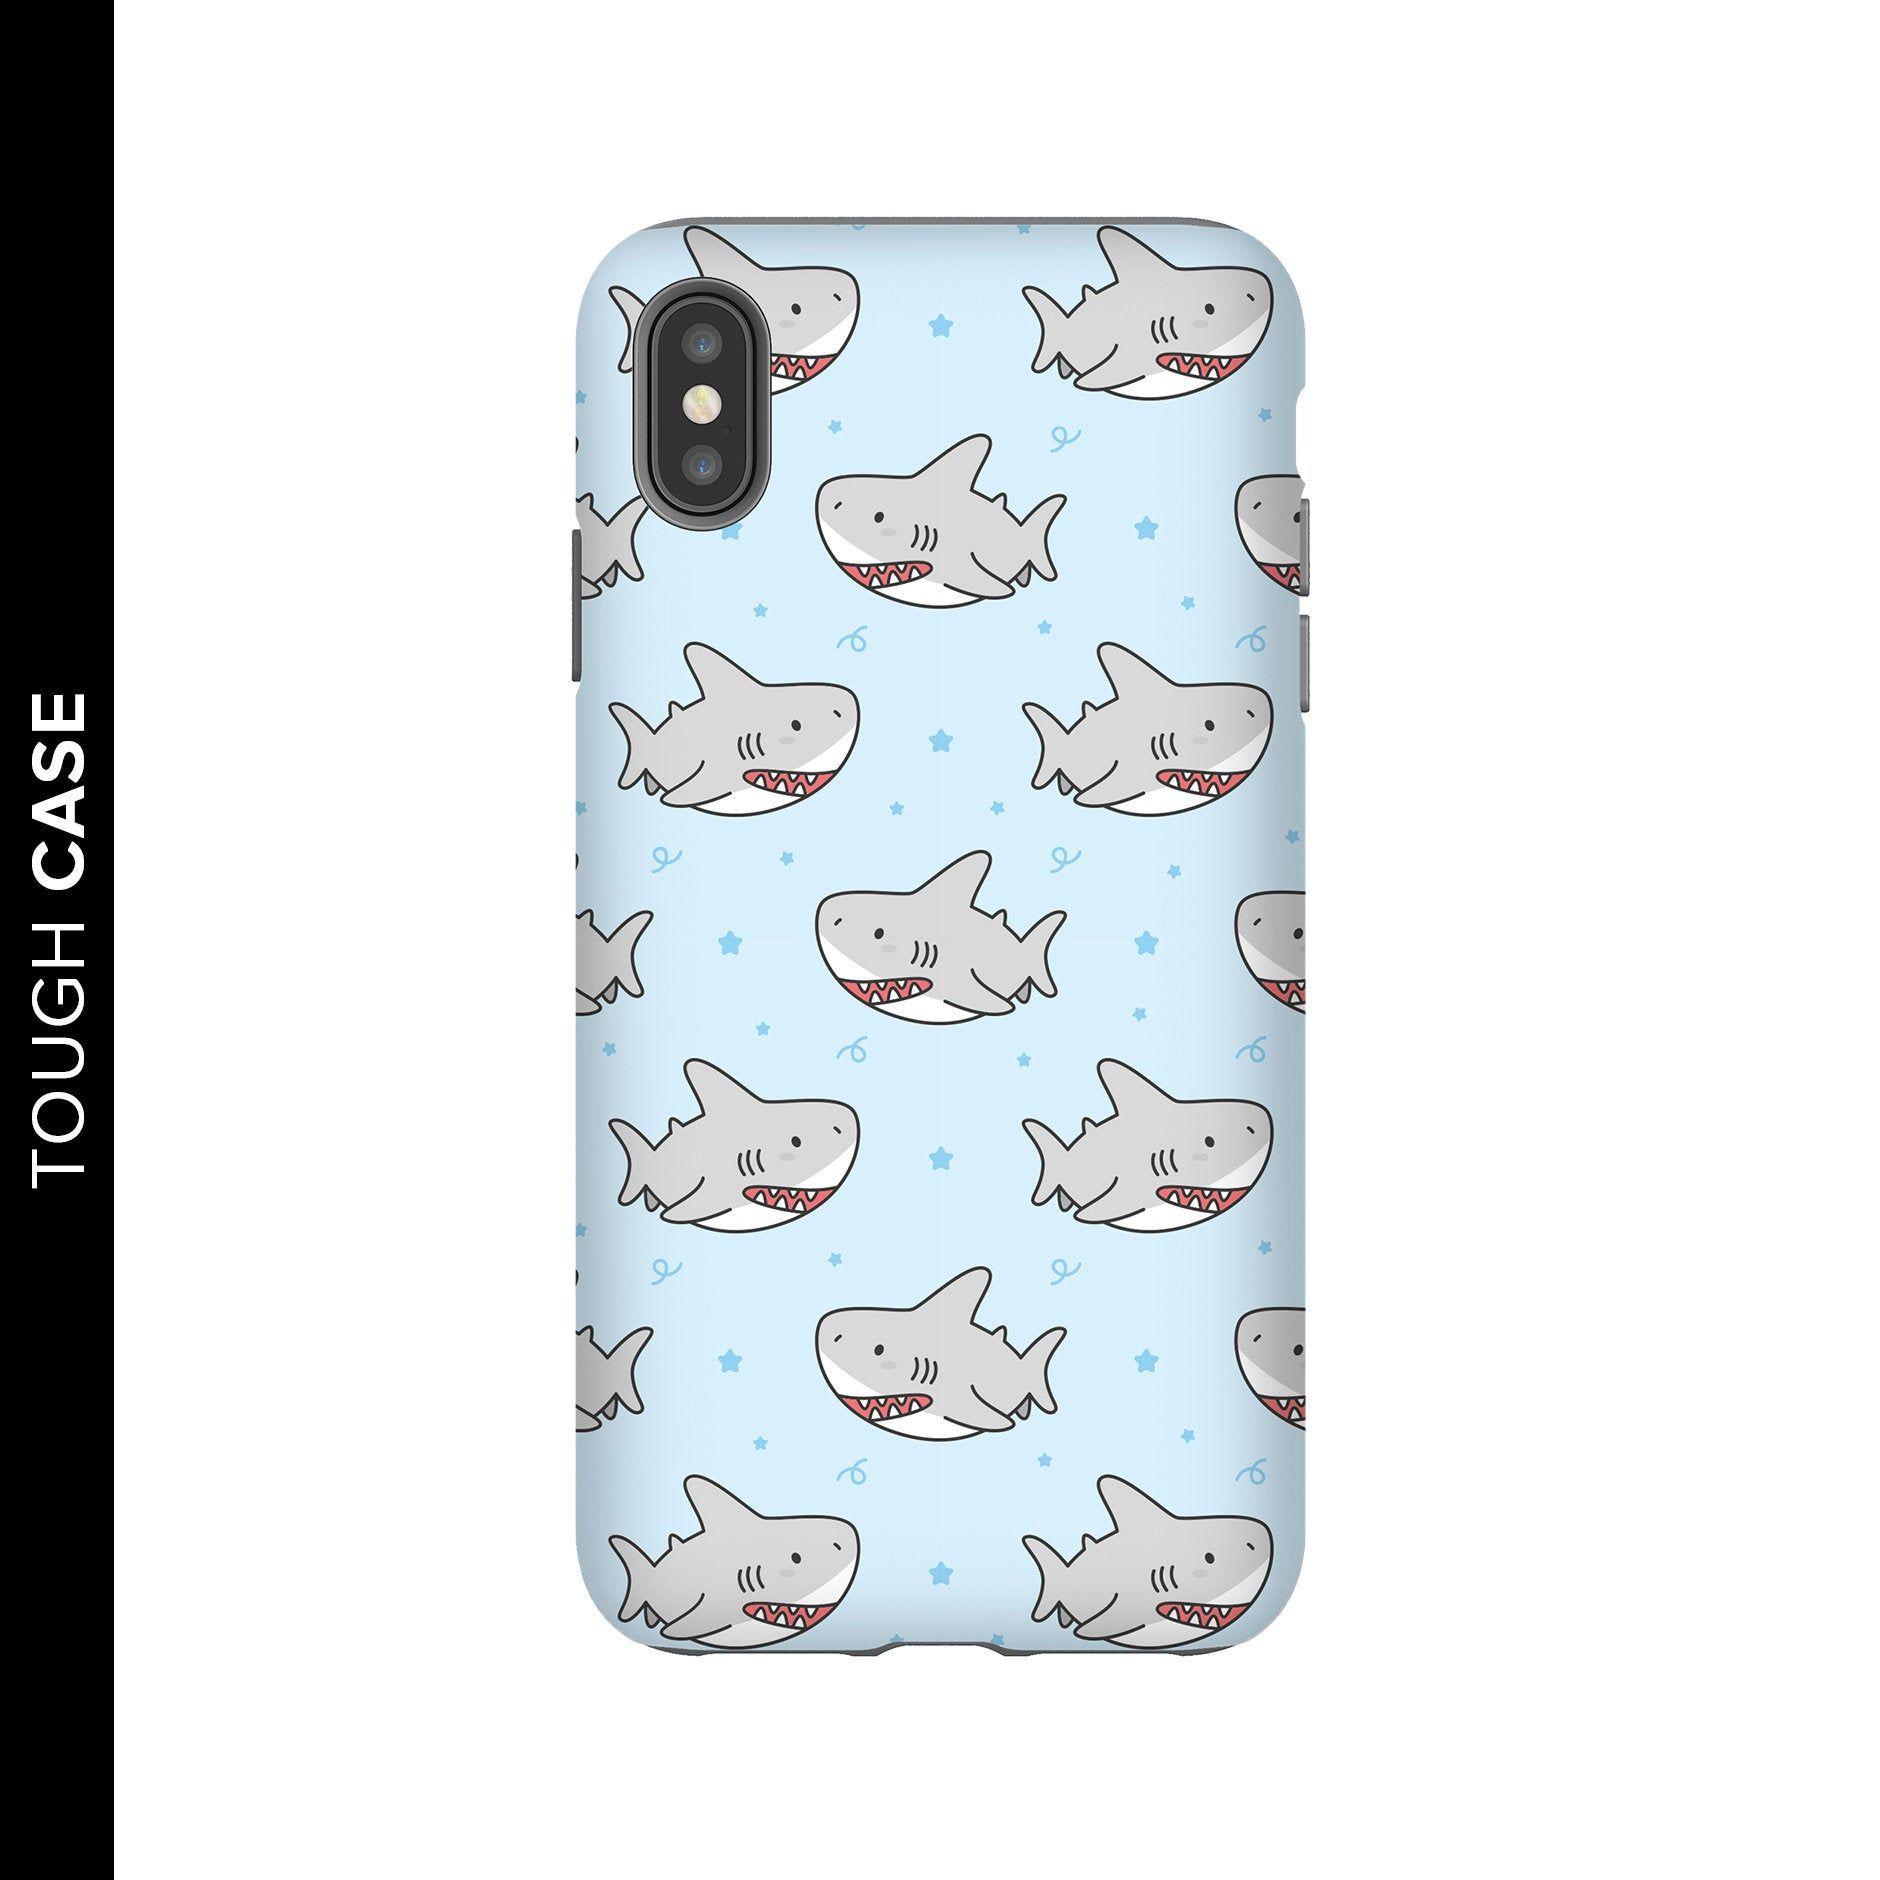 Cute Shark Phone Case, Shark Phone Case, iPhone X Case